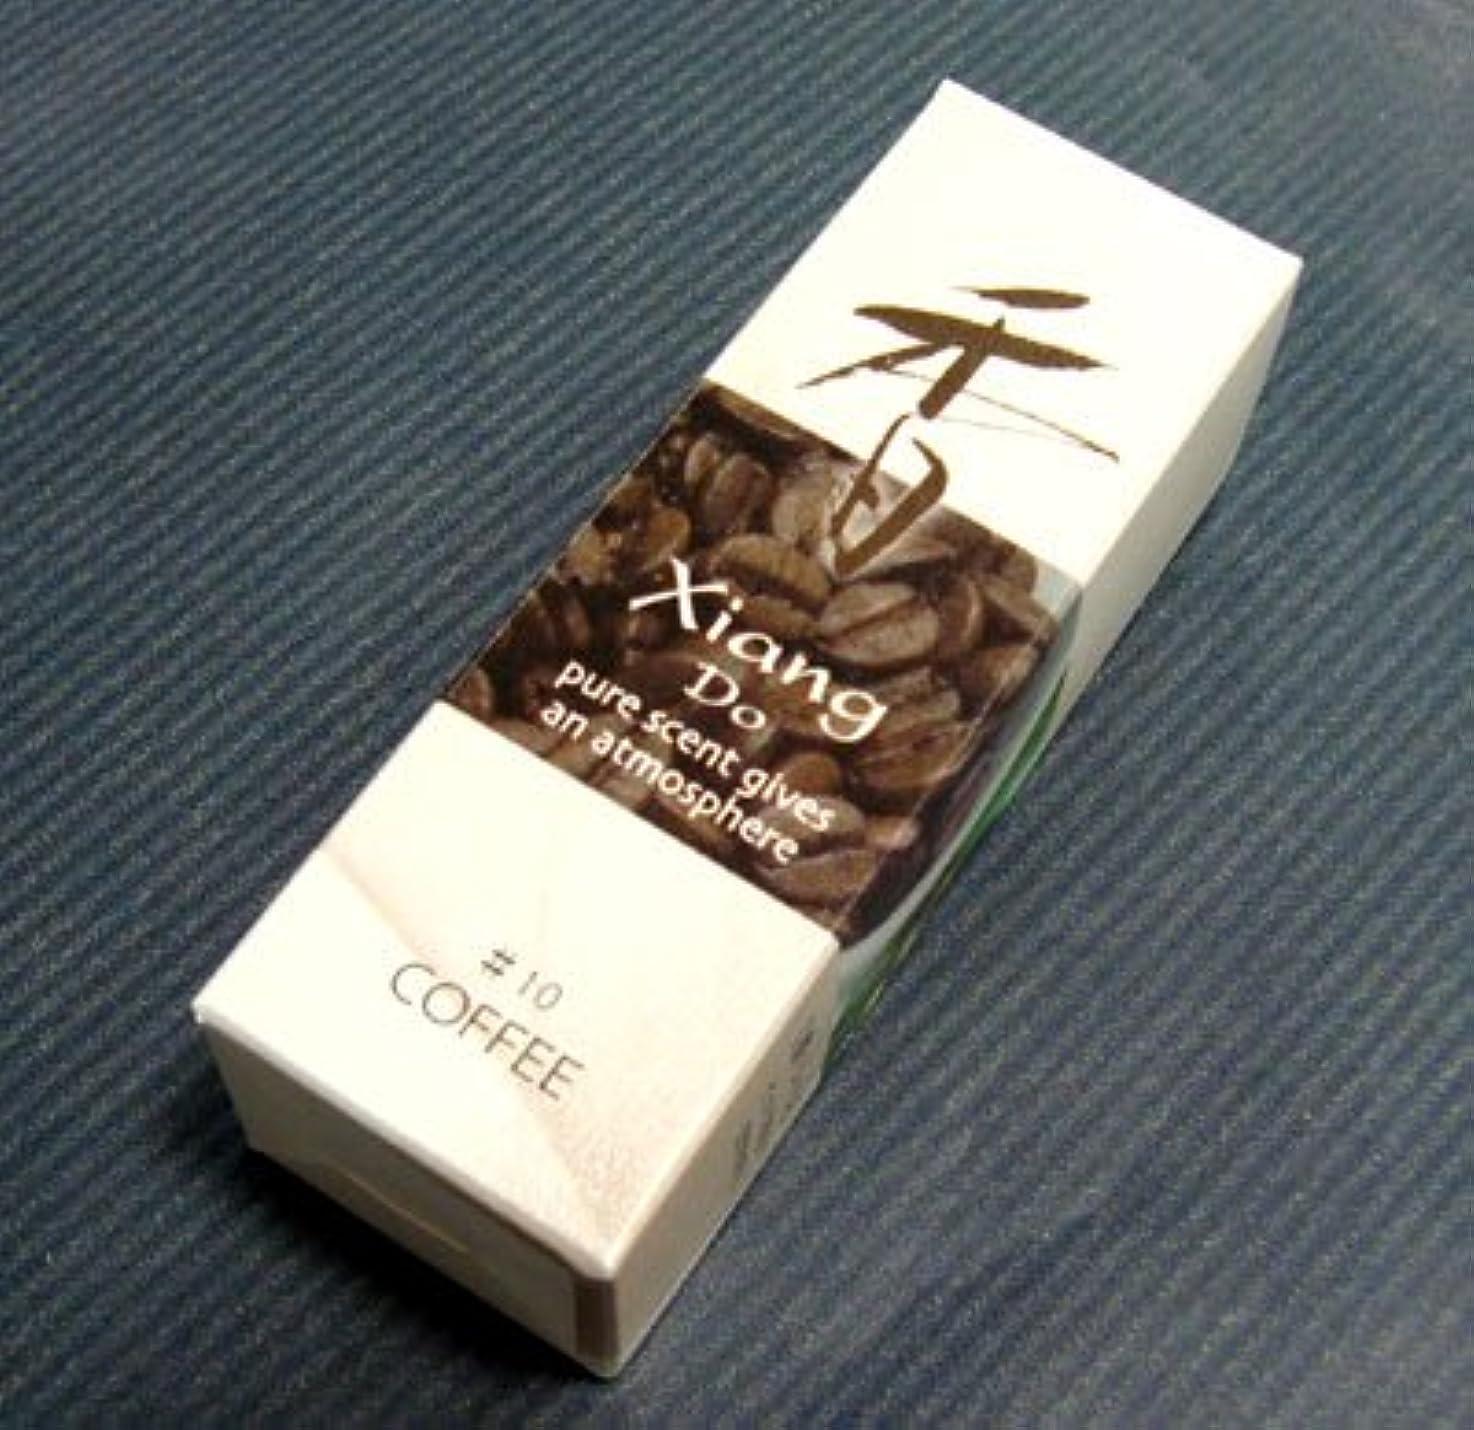 ガレージ靴狂人コクと苦味のコーヒーの香り 松栄堂【Xiang do コーヒー】スティック 【お香】